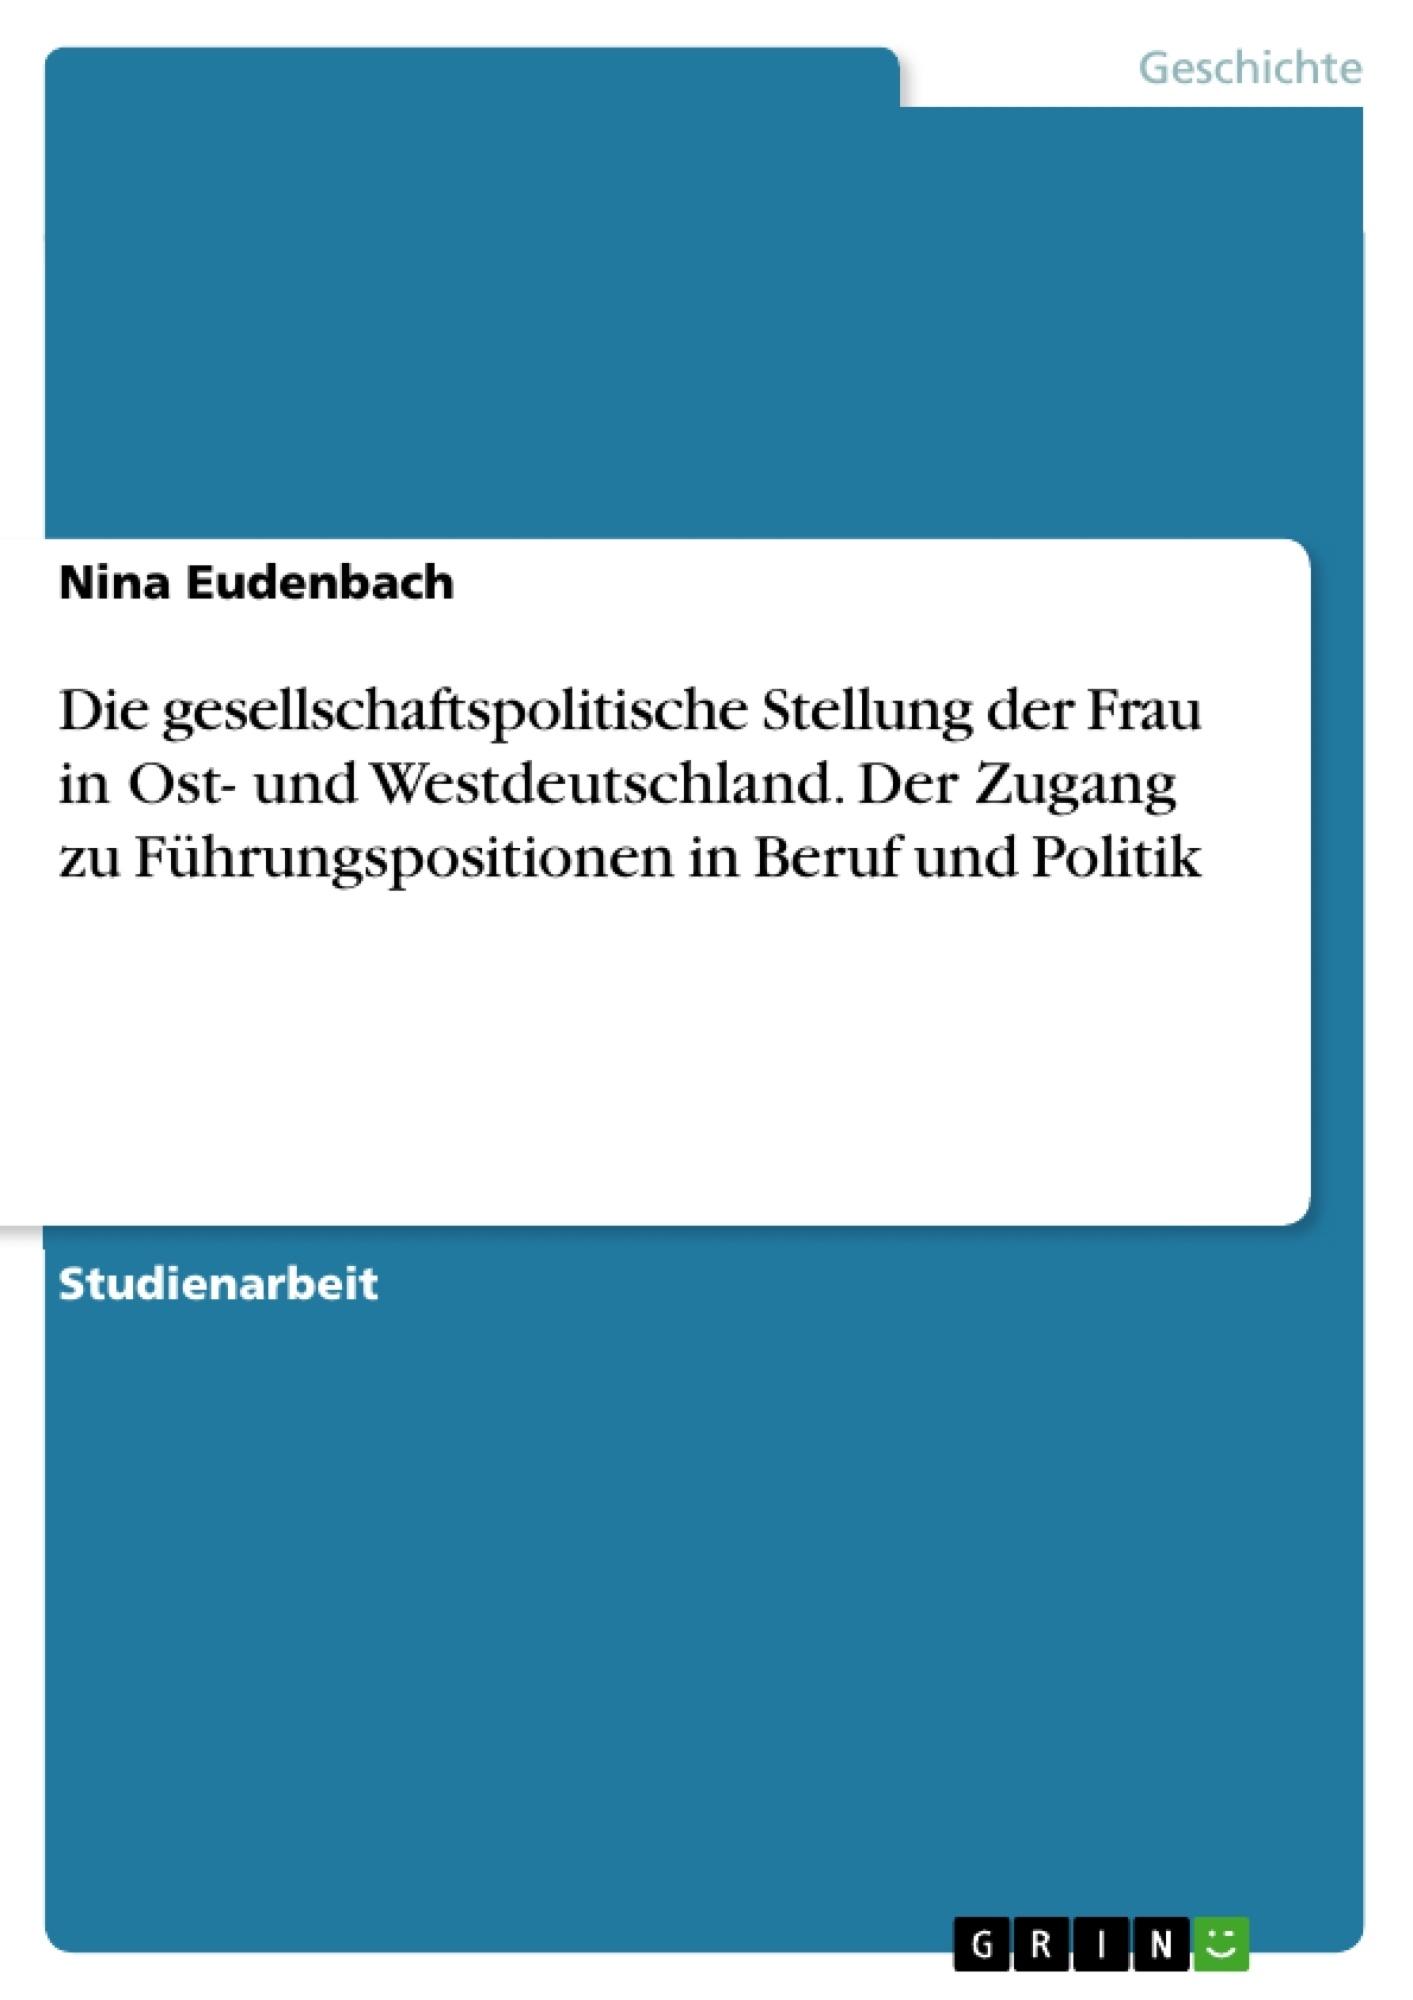 Titel: Die gesellschaftspolitische Stellung der Frau in Ost- und Westdeutschland. Der Zugang zu Führungspositionen in Beruf und Politik